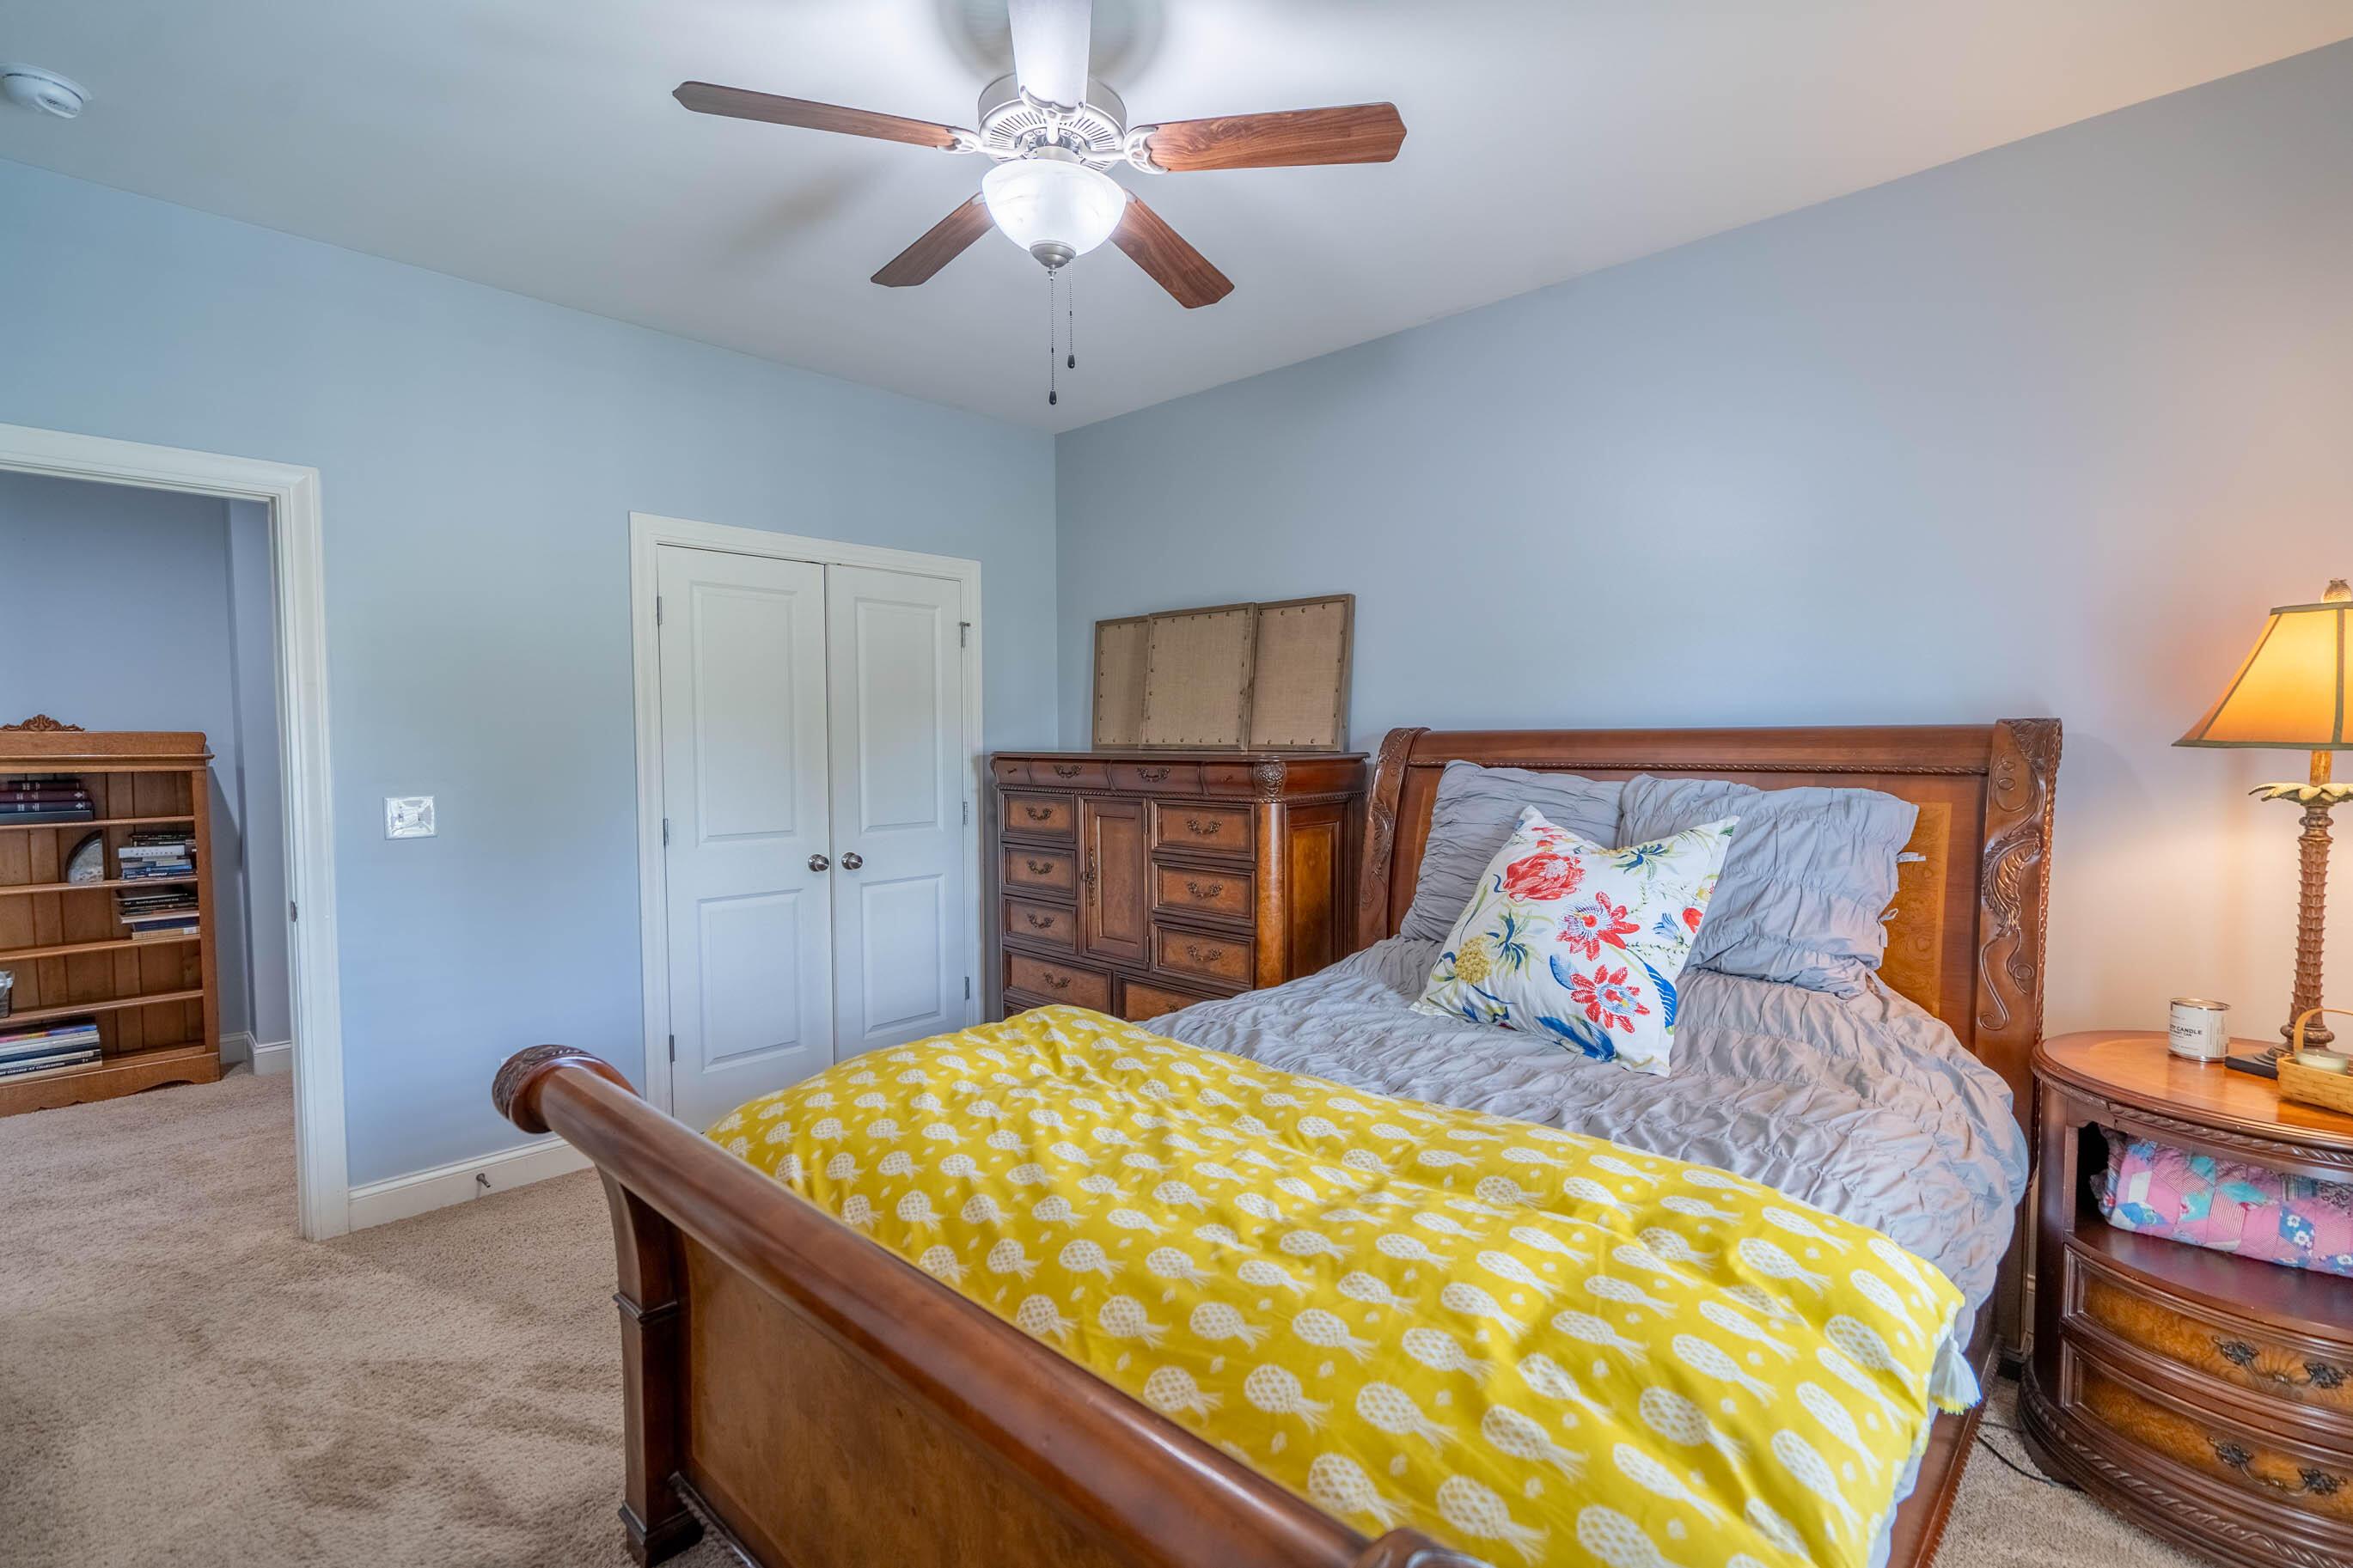 Dunes West Homes For Sale - 2997 Sturbridge, Mount Pleasant, SC - 33